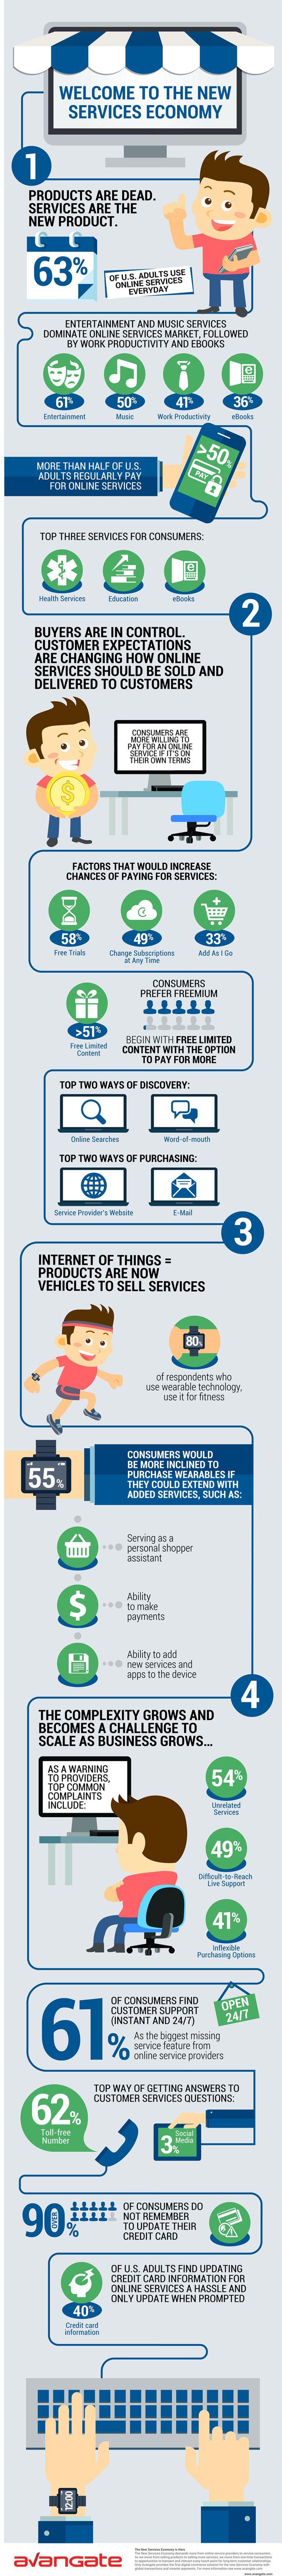 8 best Consumer Behavior images on Pinterest | Digital marketing ...